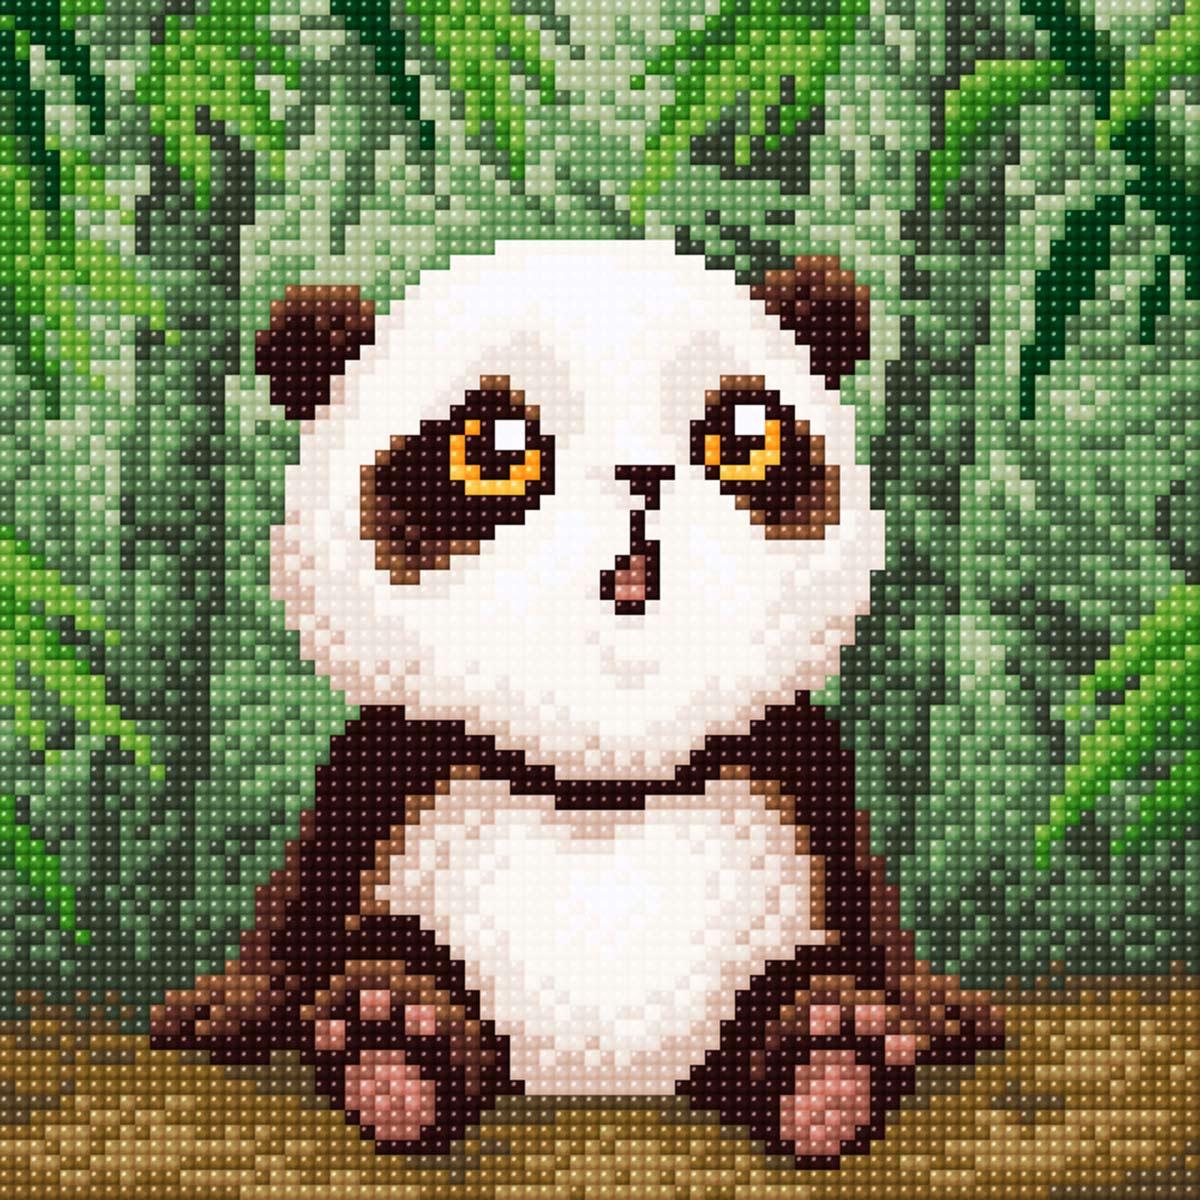 МС 001 Алмазная мозаика 'Малыш панда'20*20см Brilliart